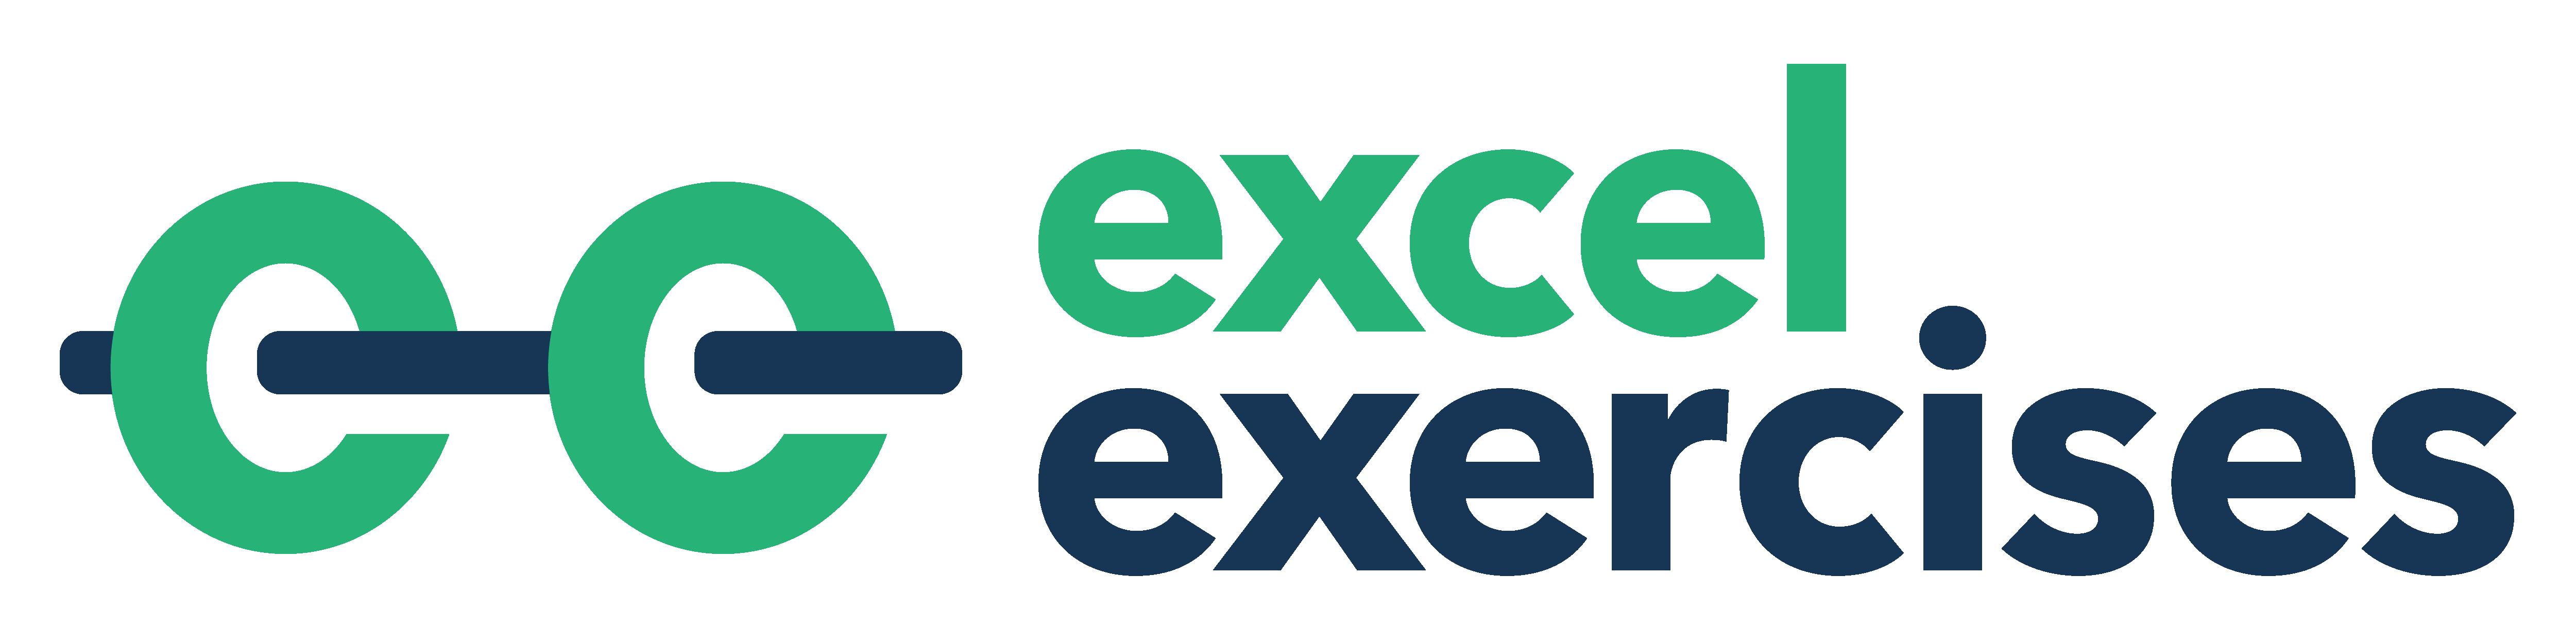 Excel Exercises Practice